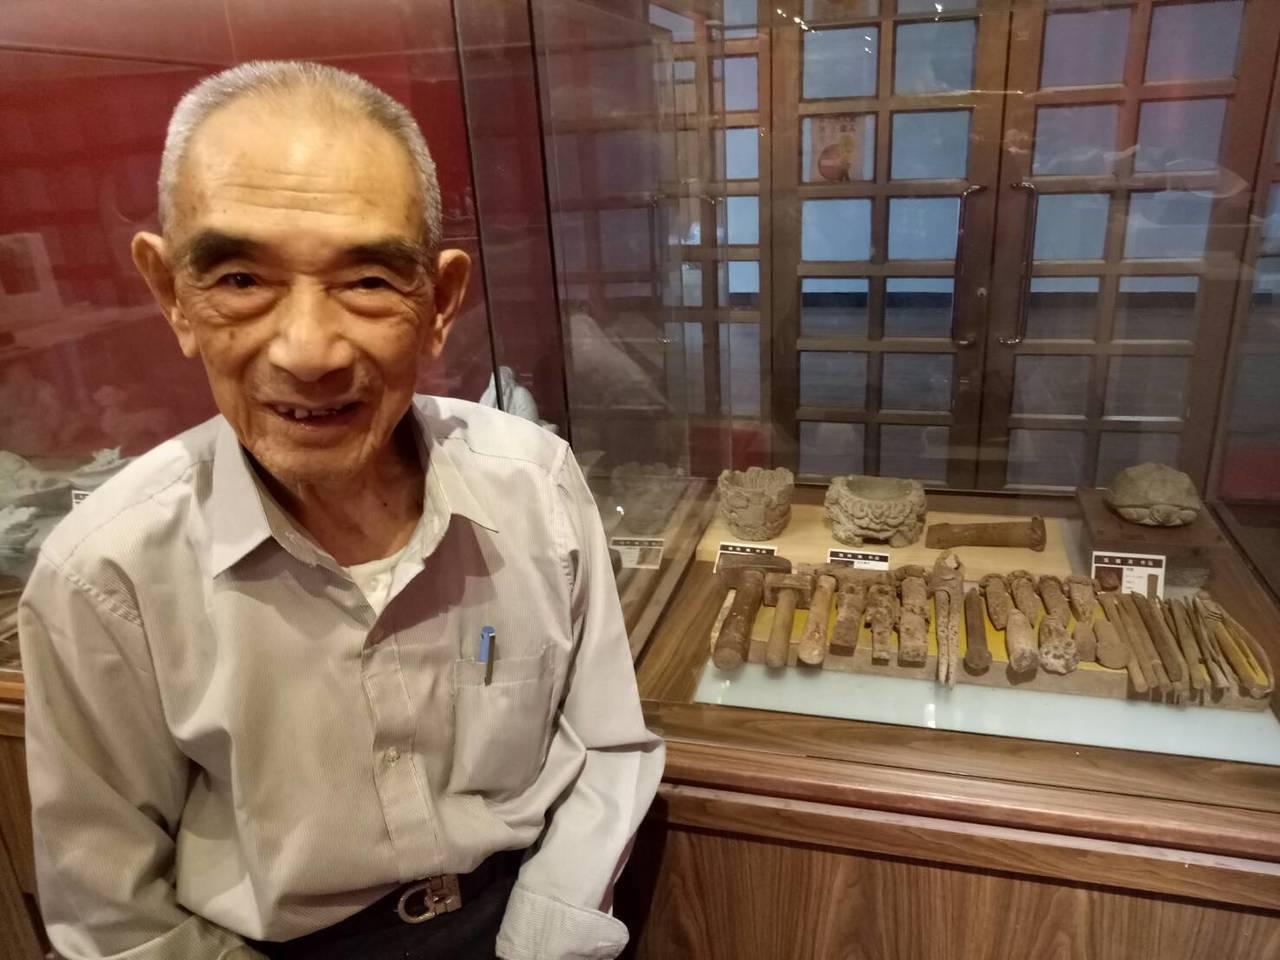 金門著名的石雕大師張再興日前辭世,金門各界都相當惋惜。圖/金門縣文化局提供